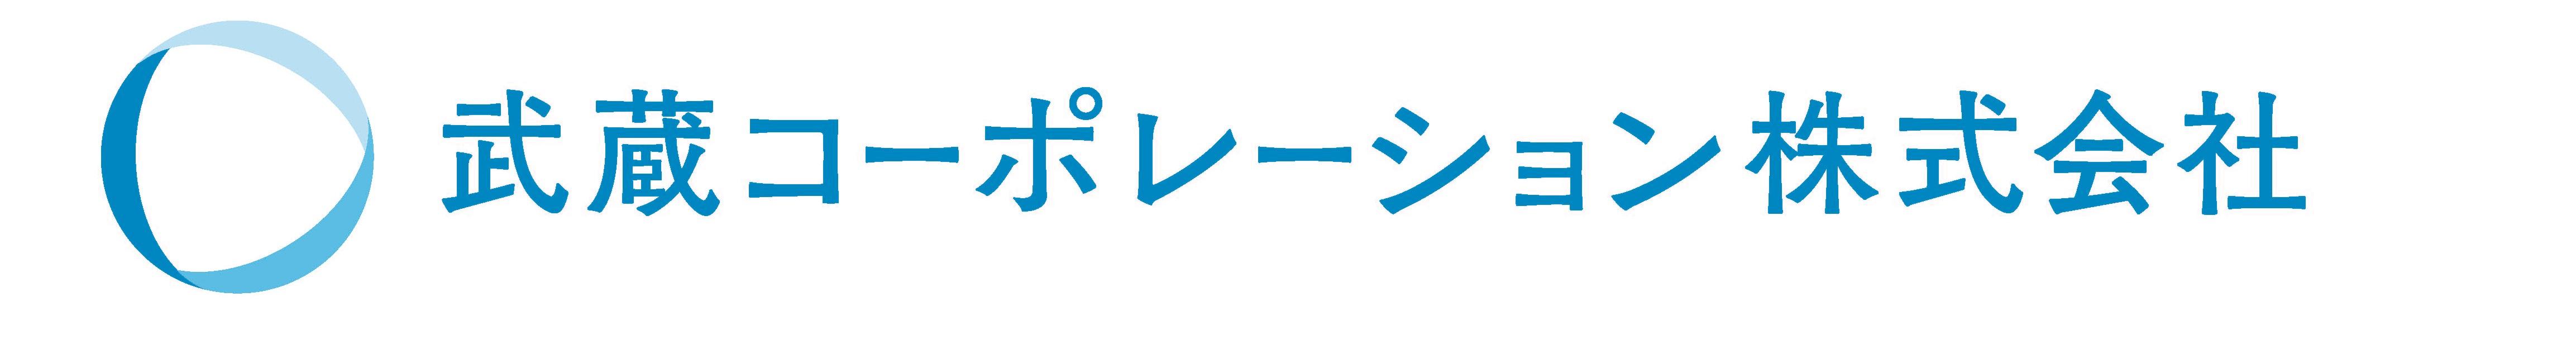 武蔵コーポレーション